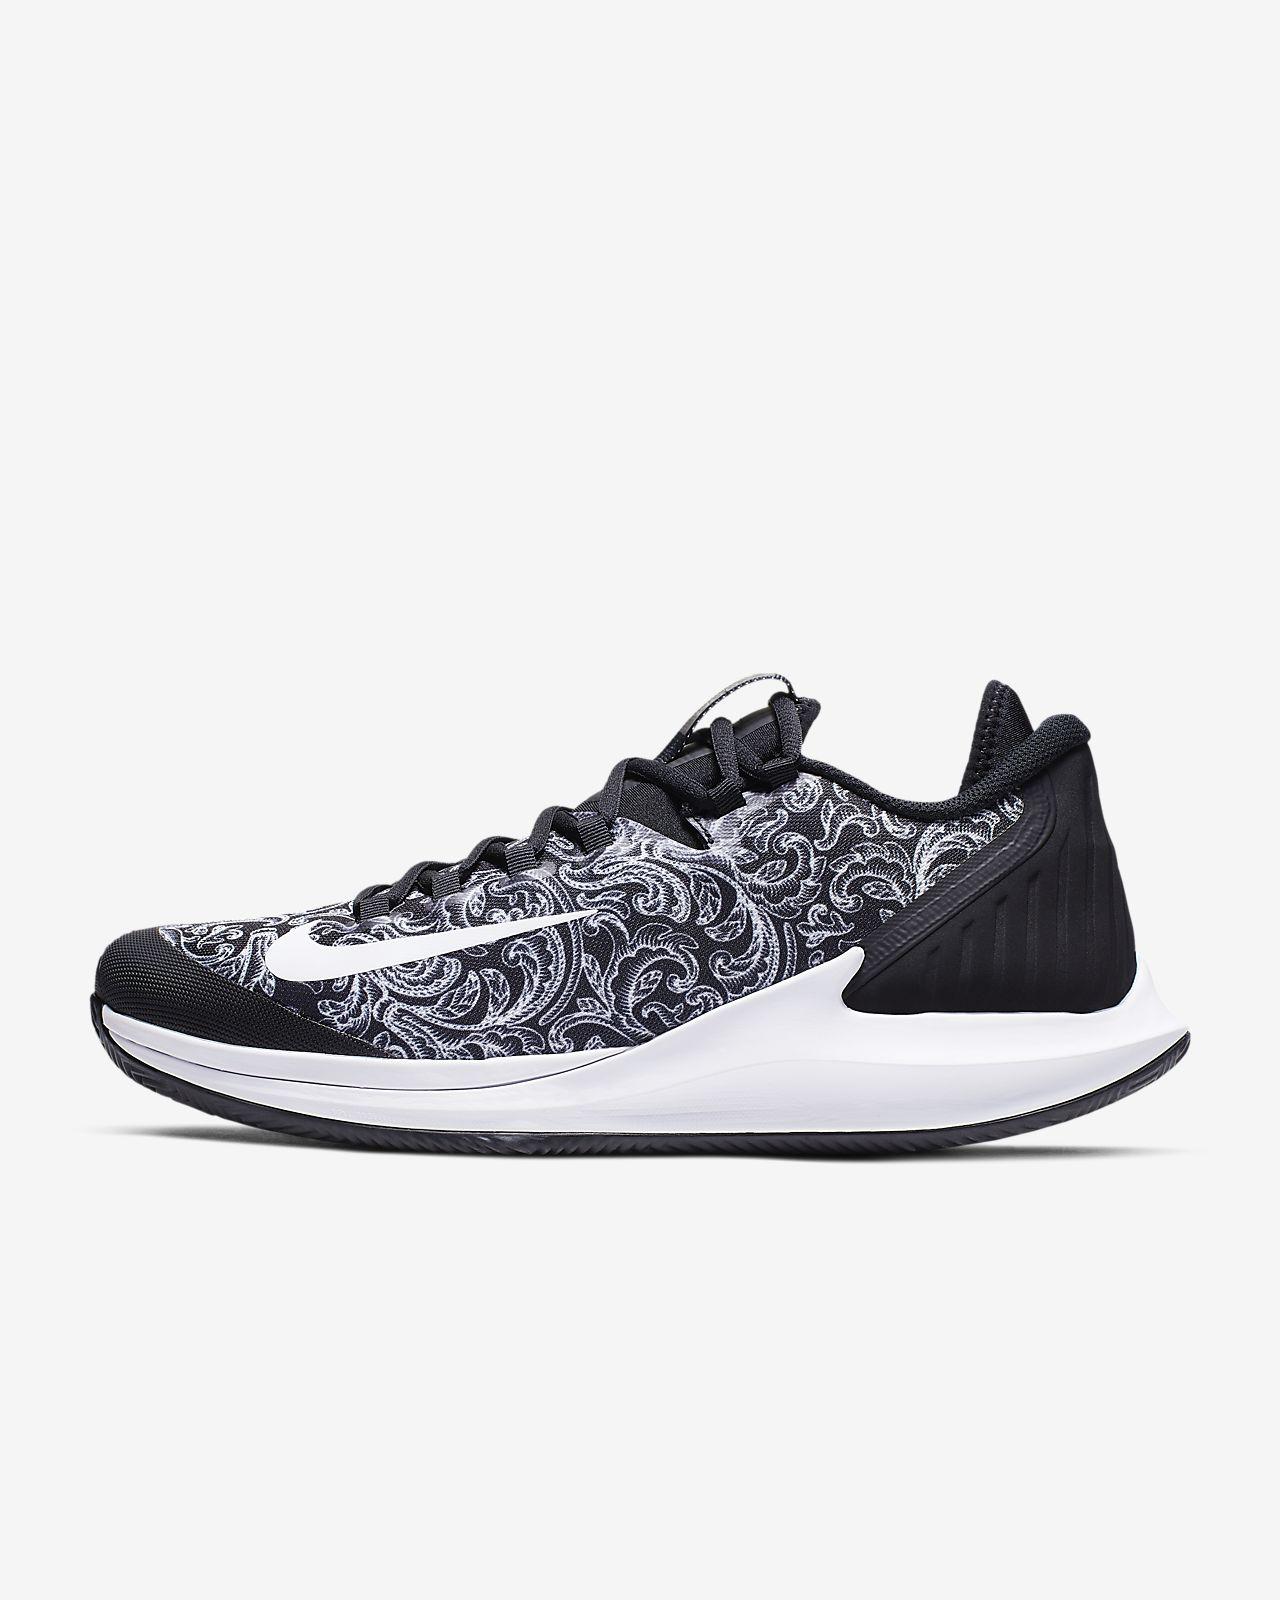 NikeCourt Air Zoom Zero Tennisschoen voor heren (gravel)